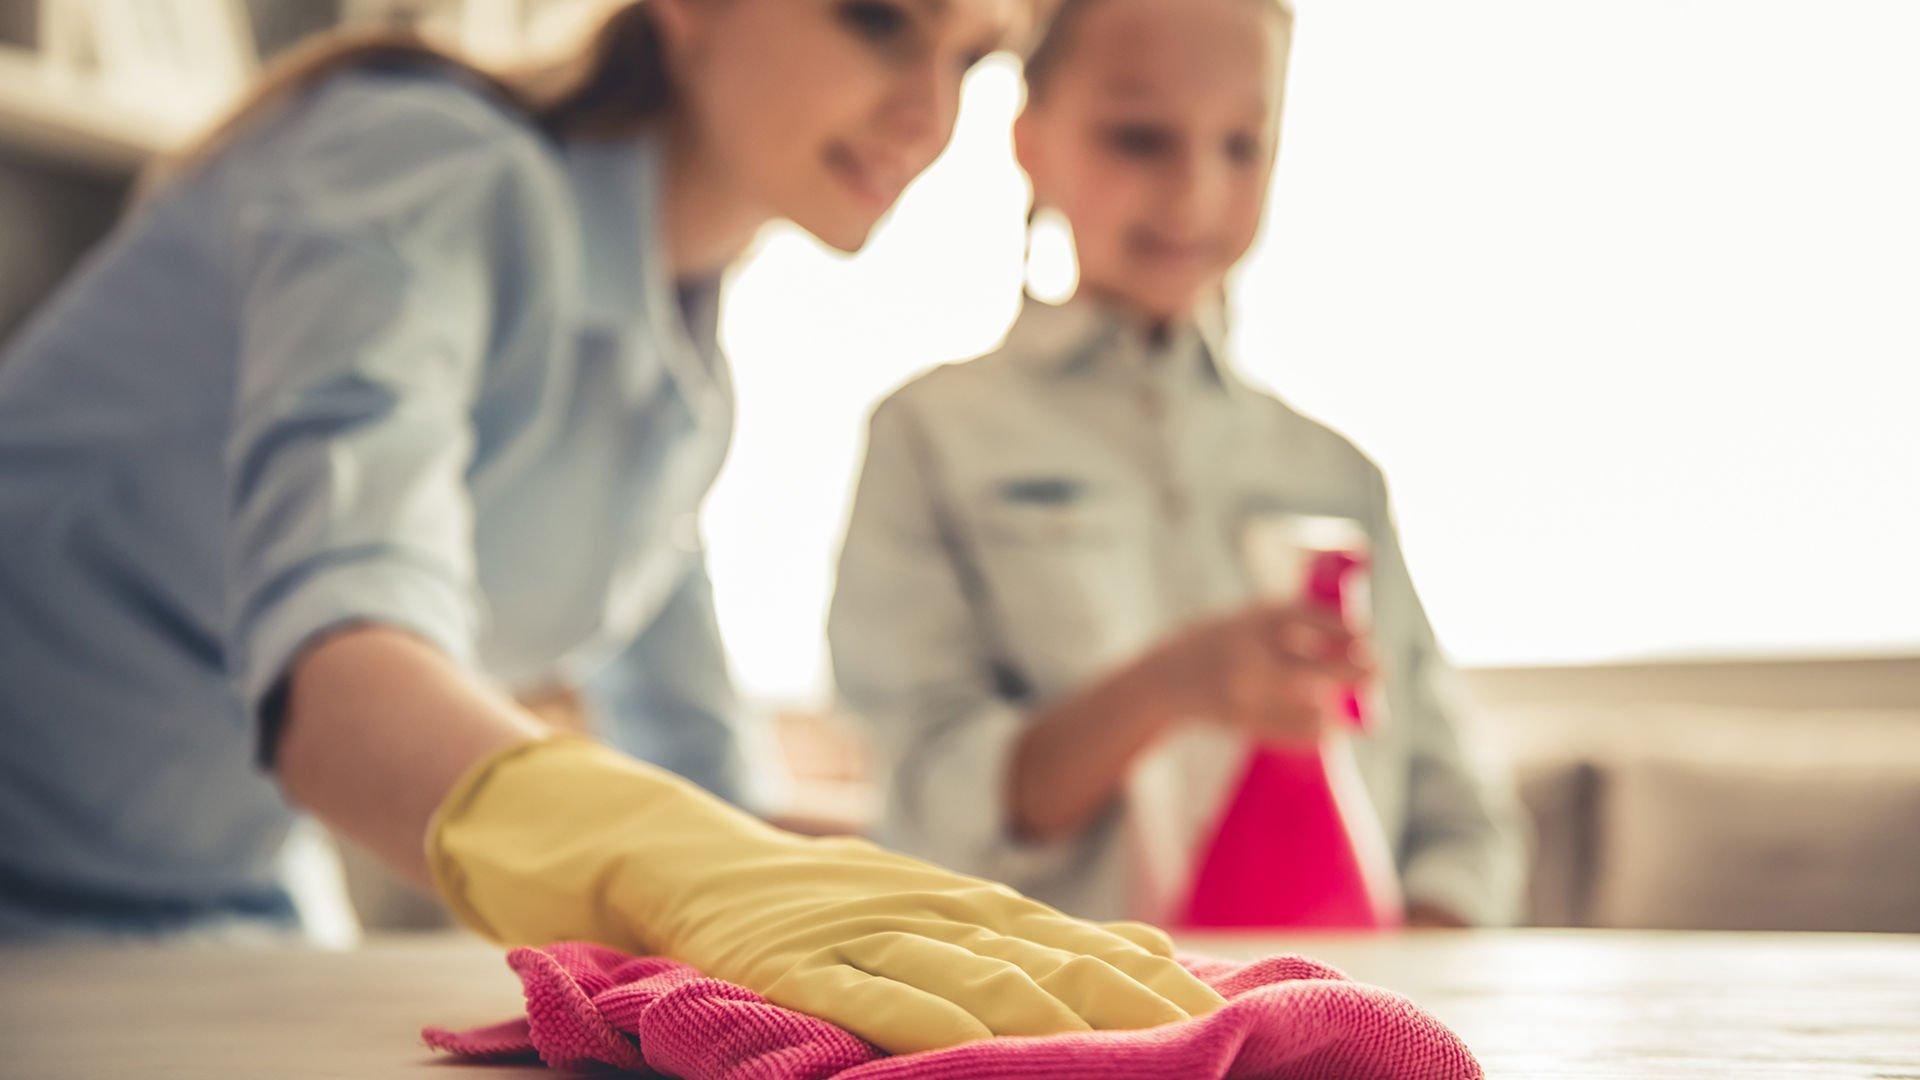 Kimyasallar olmadan ev temizliği nasıl yapılır